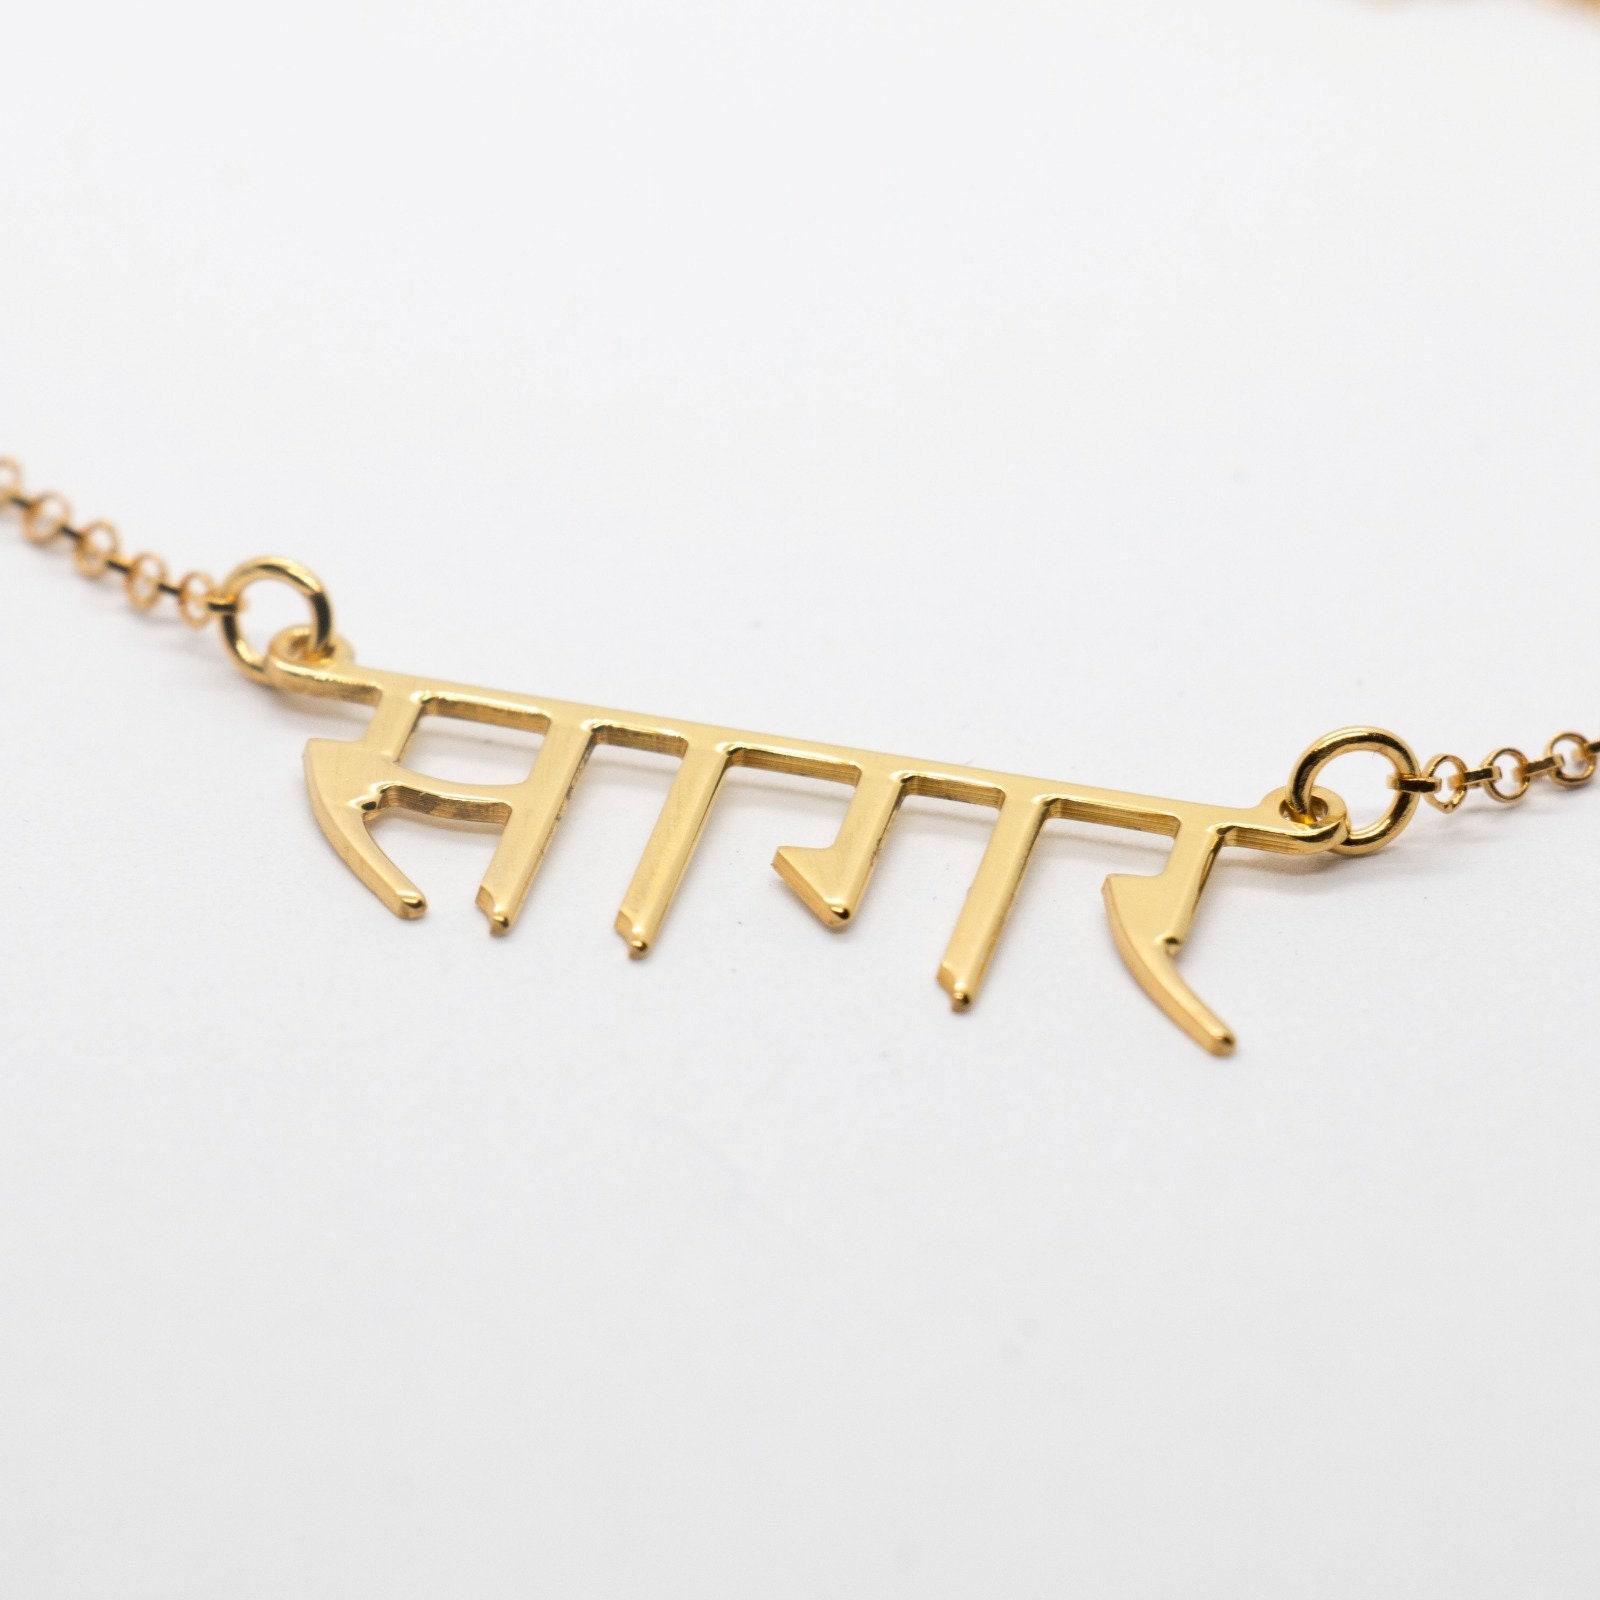 Custom Tamil Name Necklace Sterling Silver Dravidian Pendant